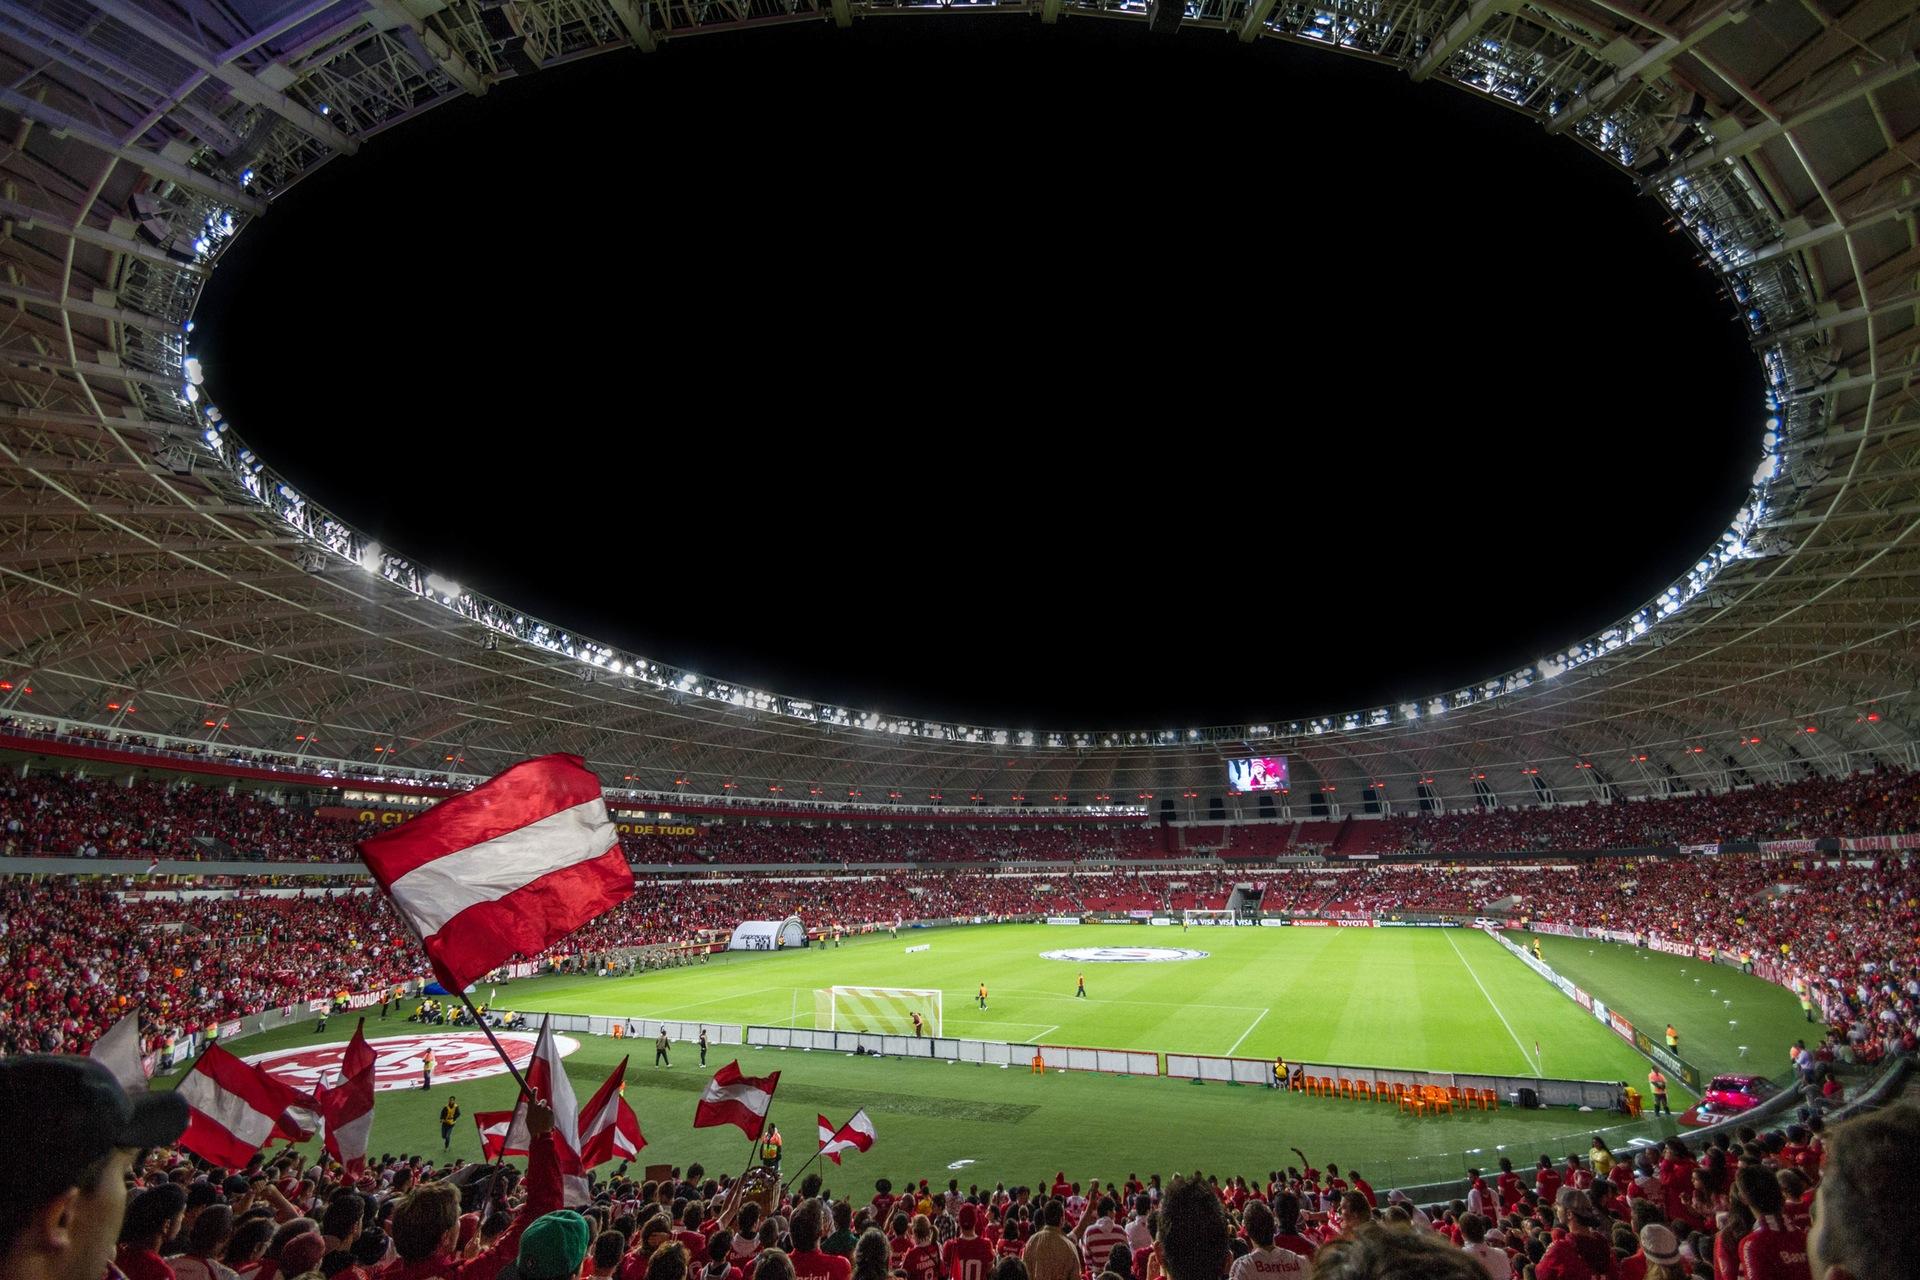 スタジアム, サッカー, 群衆, 競争, サッカーのフィールド, サッカーの試合 - HD の壁紙 - 教授-falken.com